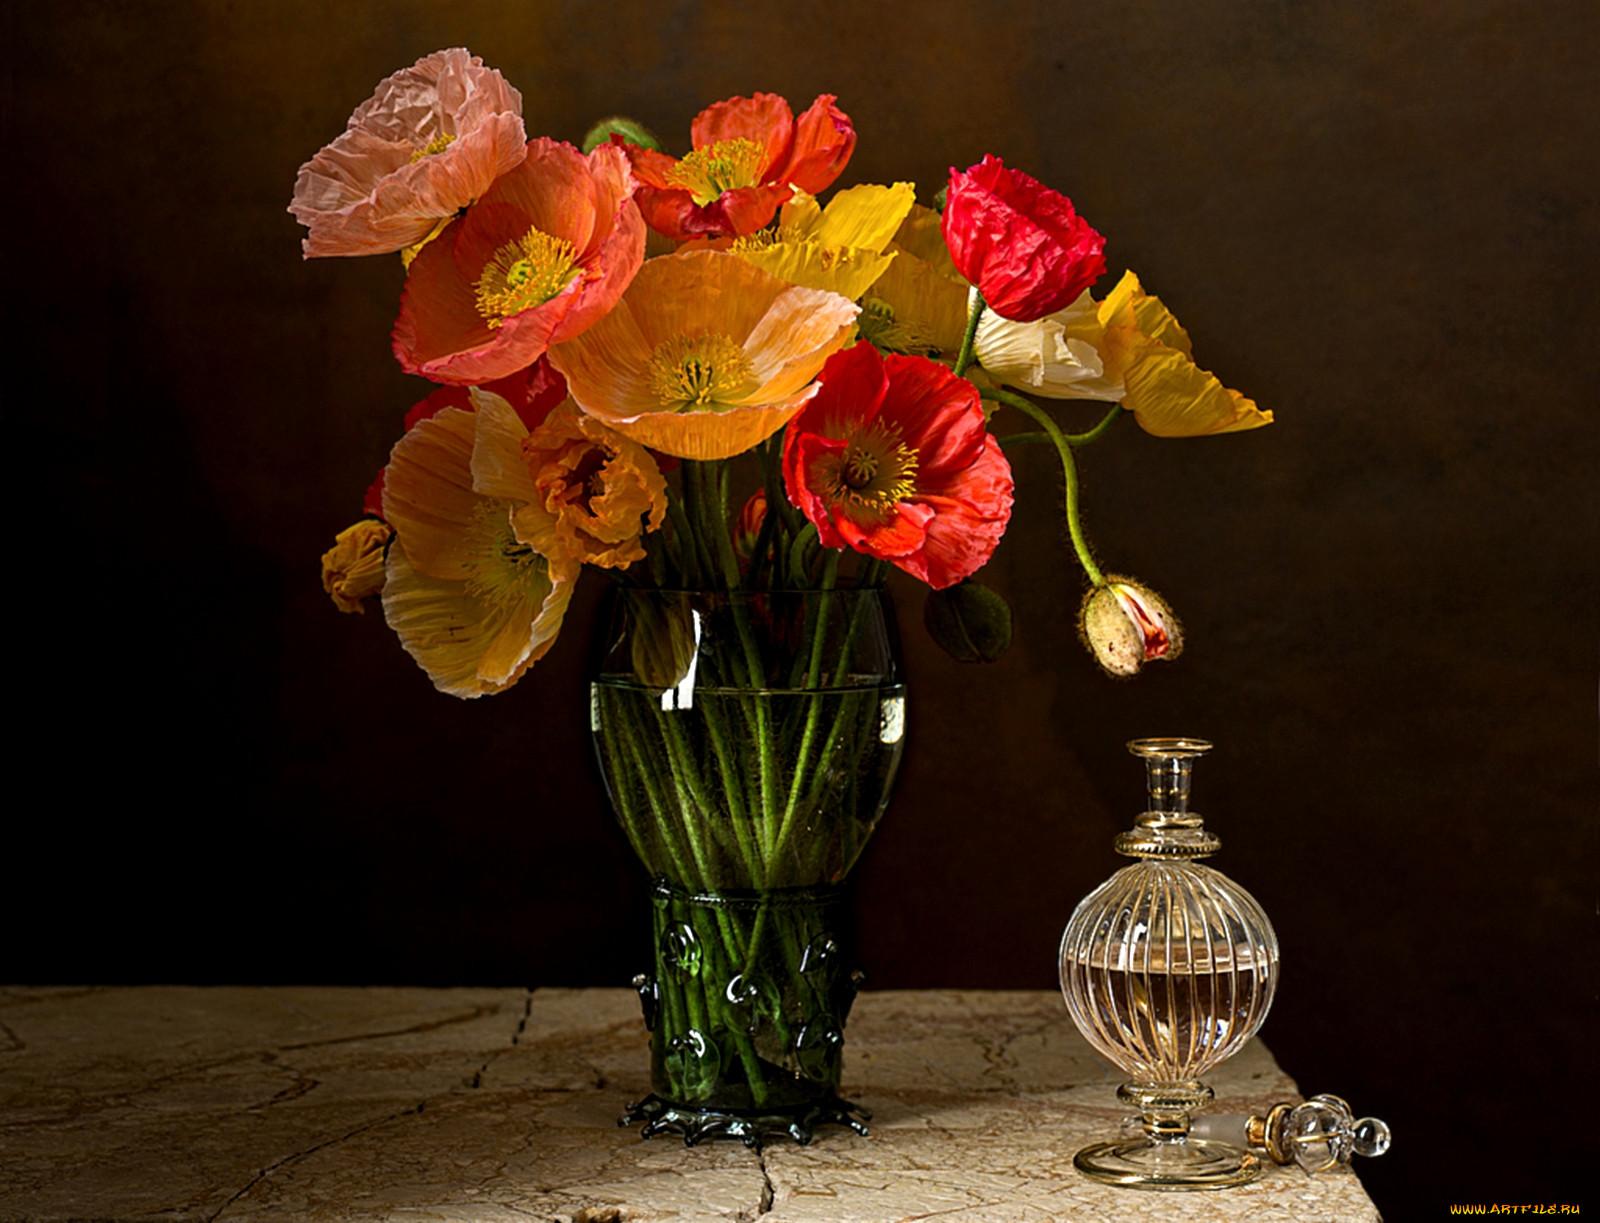 картинка три цветка в вазе больше, чем